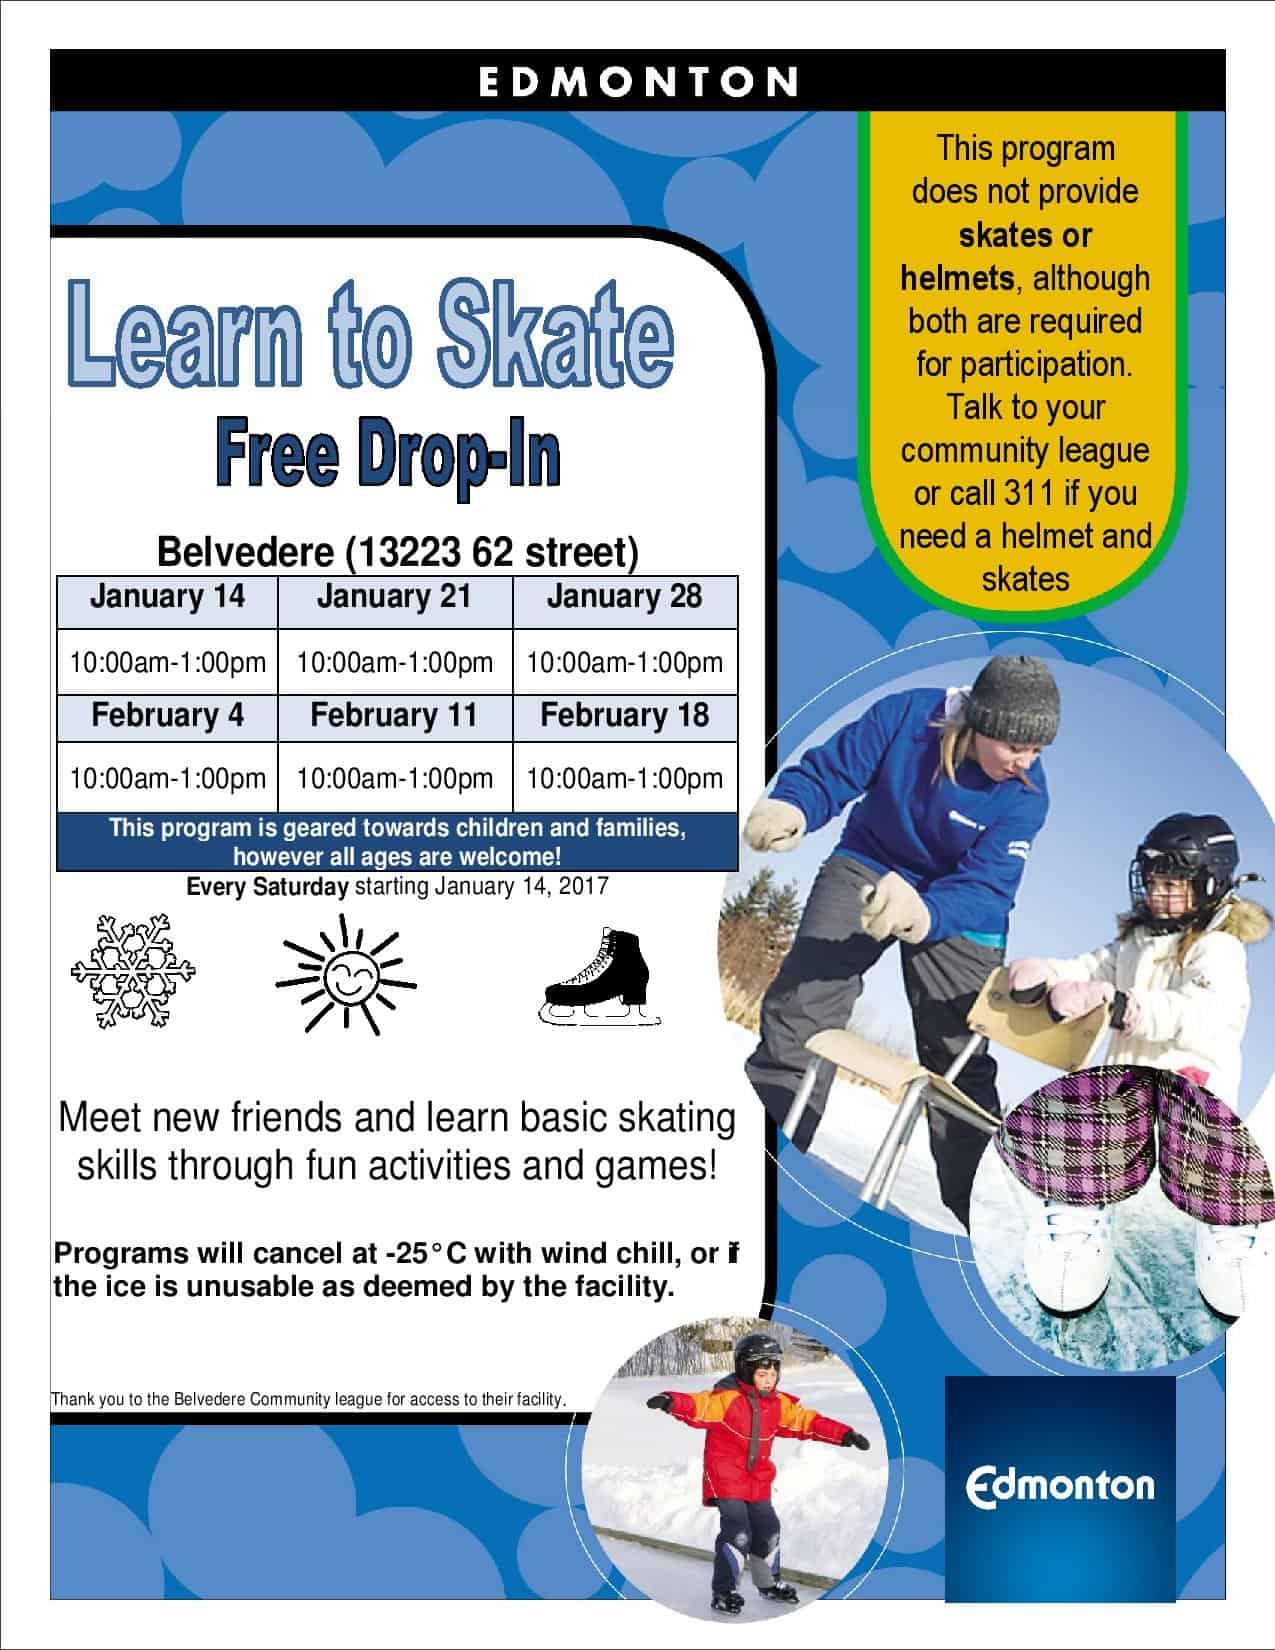 Learn to Skate Program